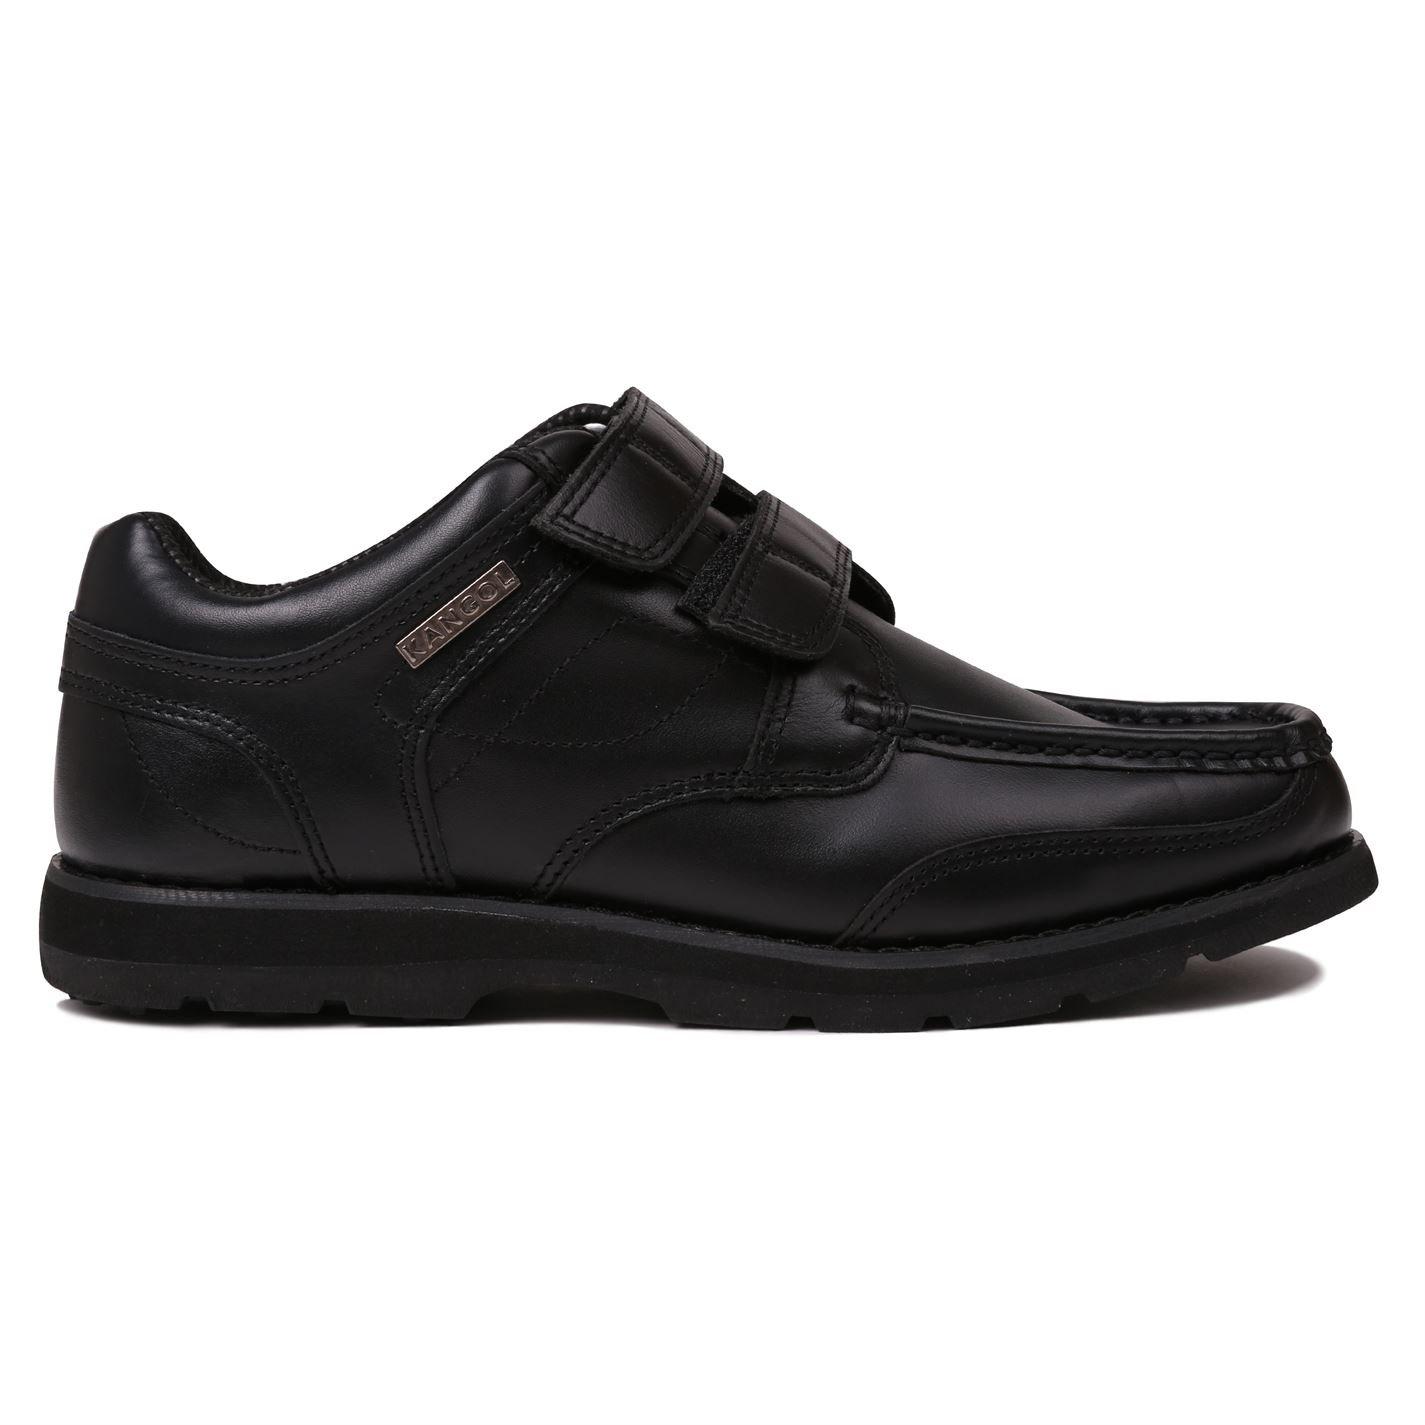 Kangol Kids Harrow Vel Junior Shoes Hook and Loop Tape Casual Footwear Black UK 5 (38)